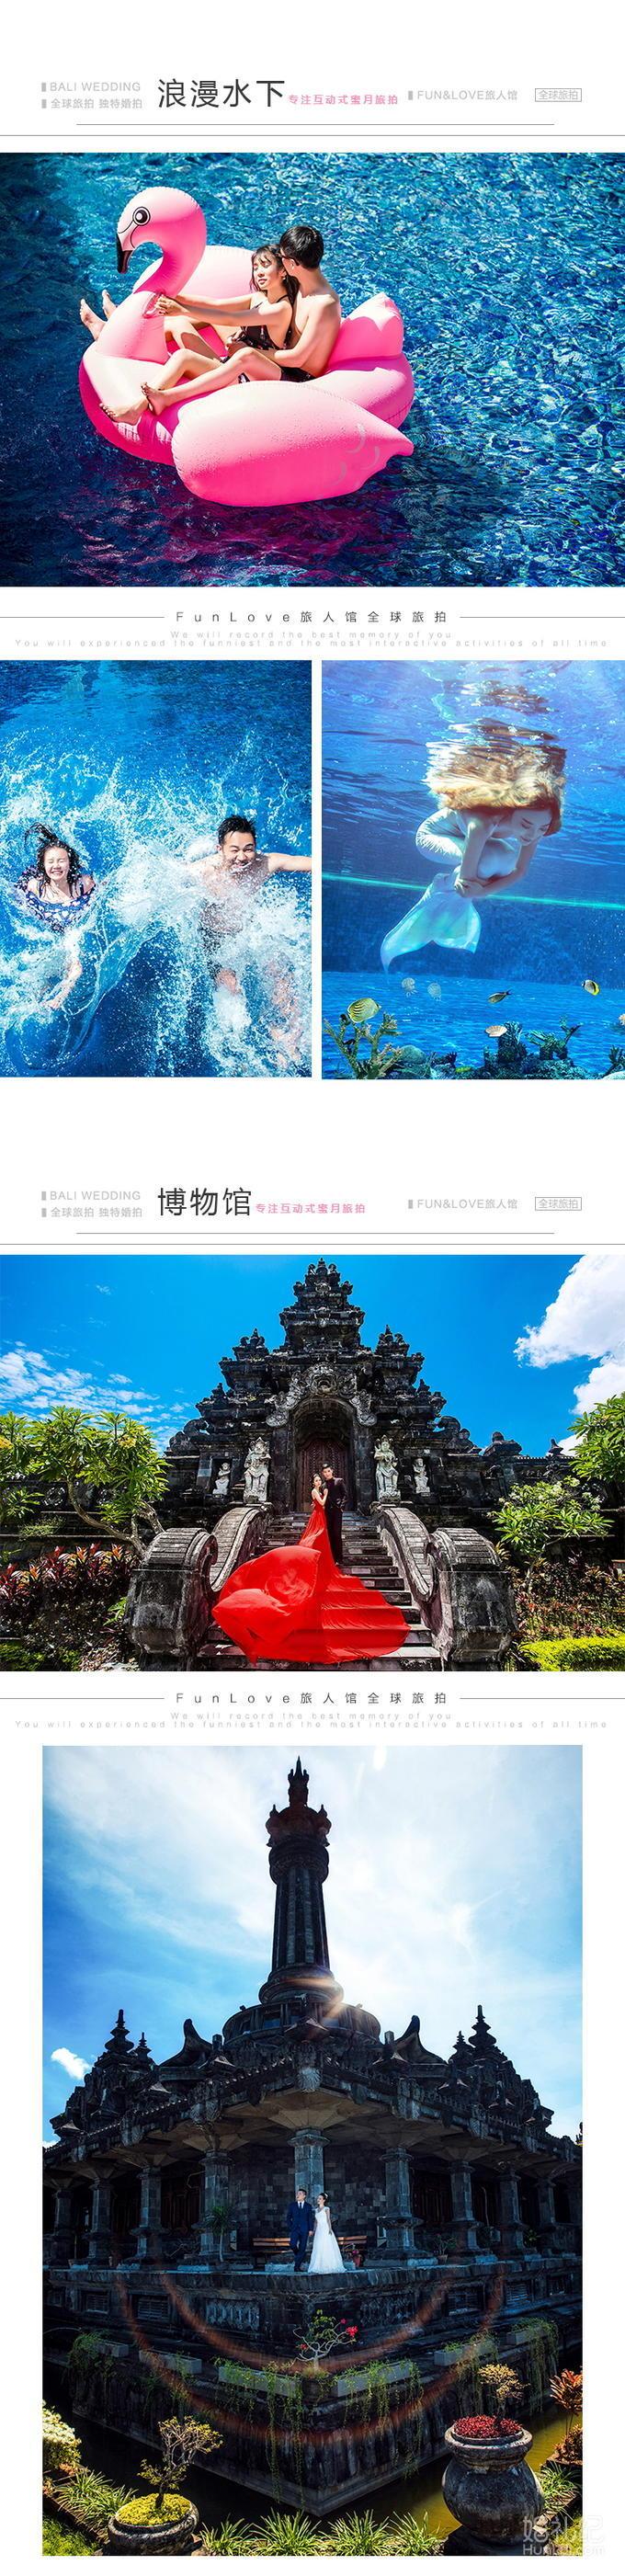 【限时抢购】❤巴厘岛5天4晚蜜月行+婚纱照+酒店